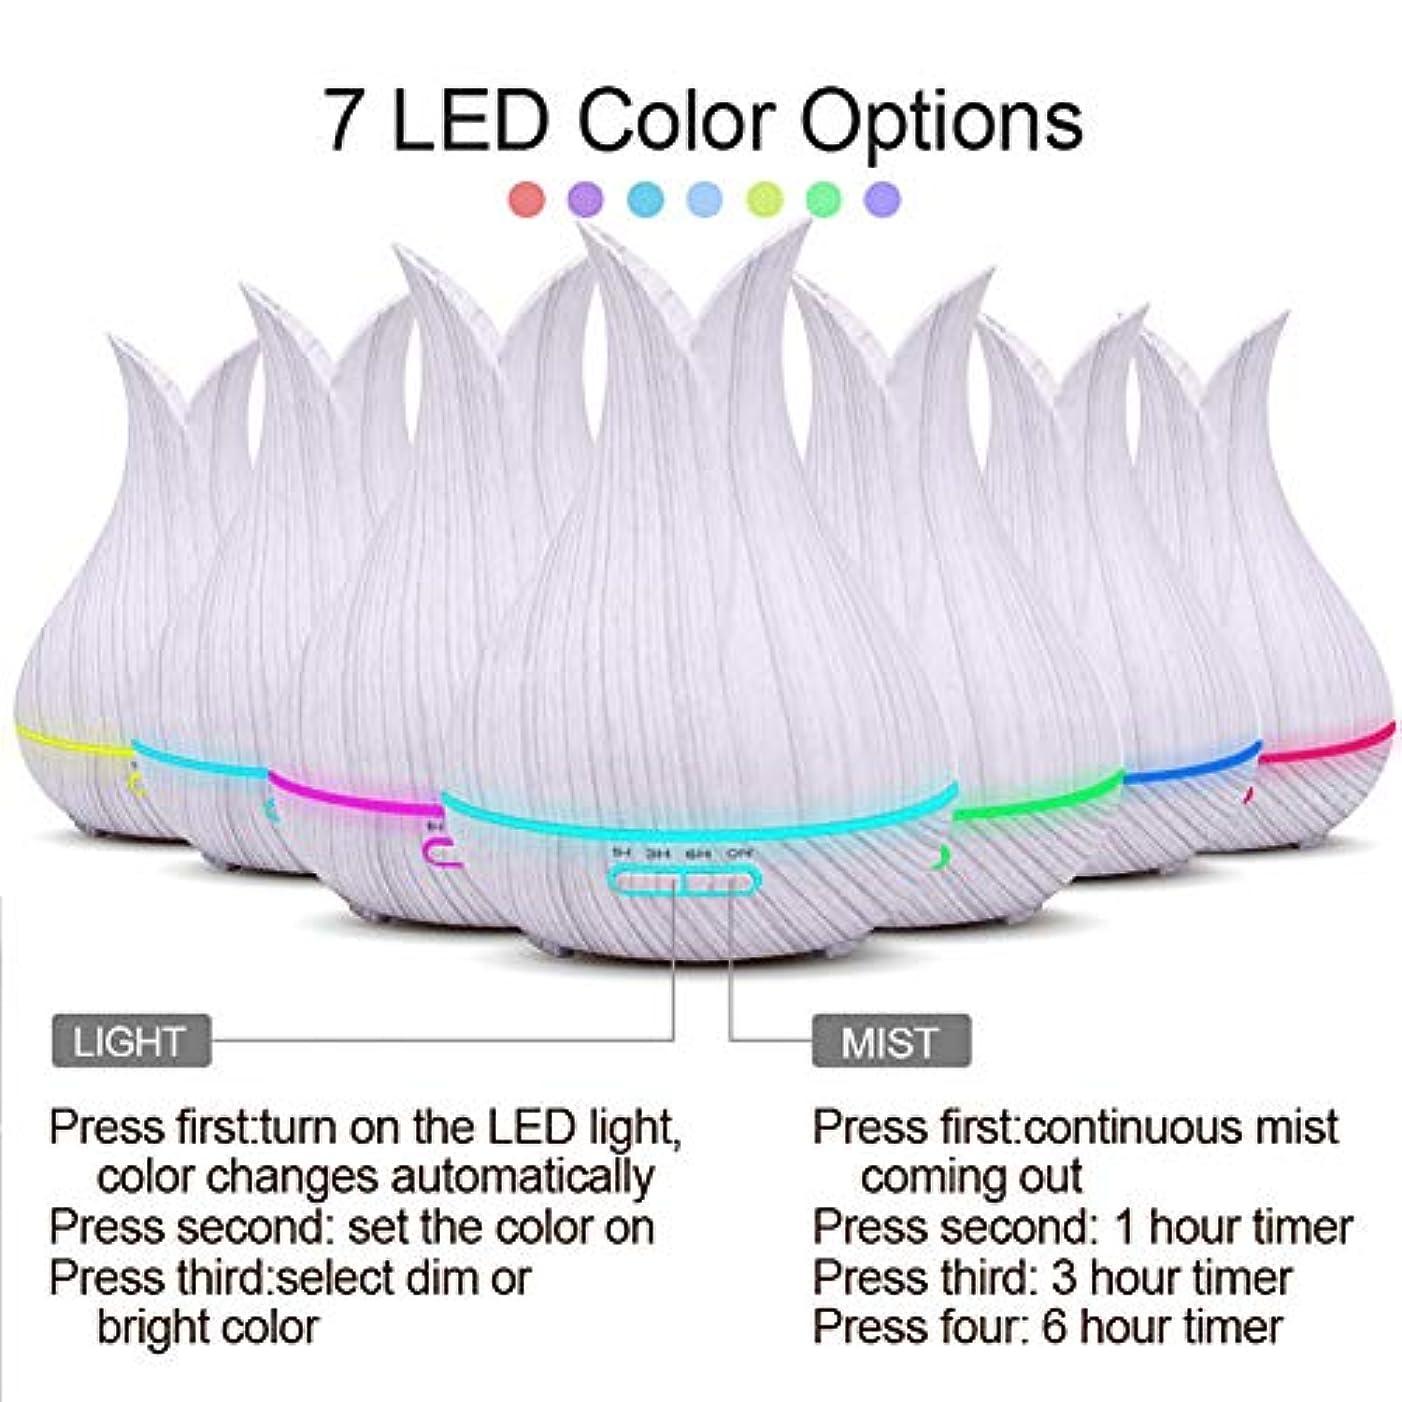 歌う前部悲観主義者エッセンシャルオイルディフューザーと加湿器、ミストエッセンシャルオイルアロマ加湿器のための超音波アロマセラピーディフューザー、400ミリリットル水タンク7色LEDライト,White